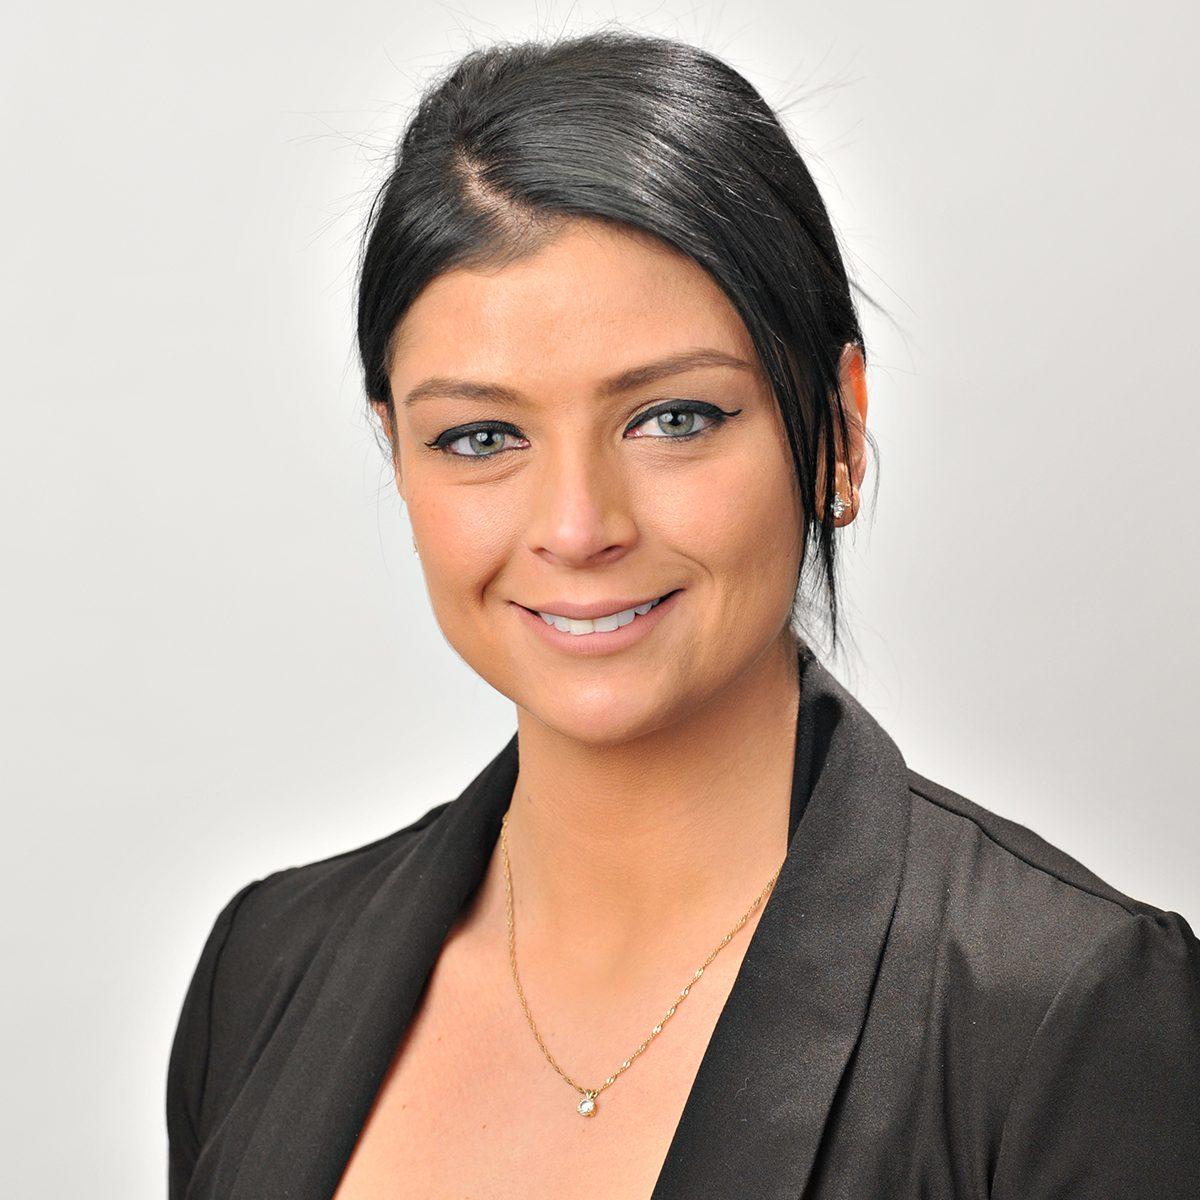 Jessica Savoie